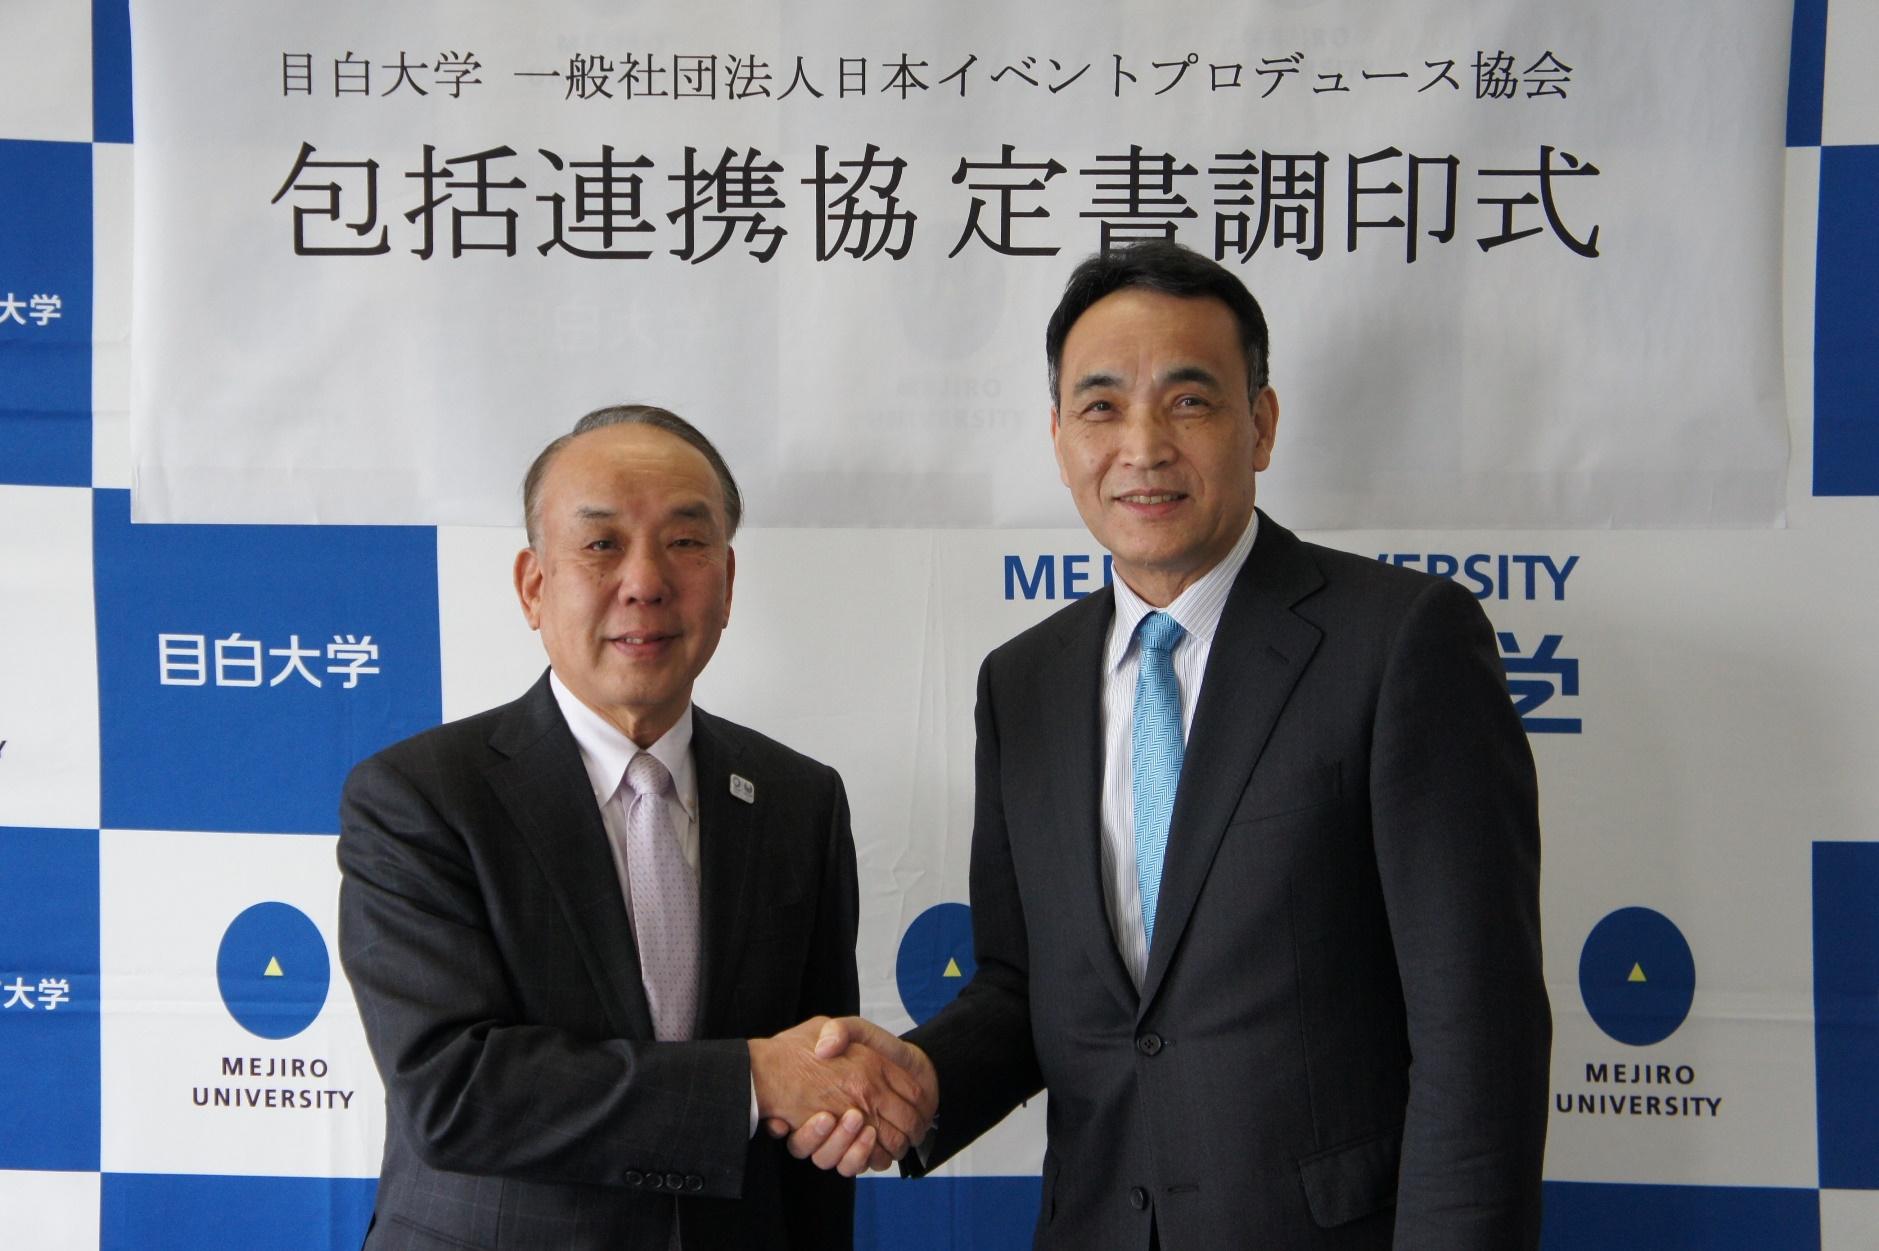 目白大学と日本イベントプロデュース協会が包括連携協定を締結